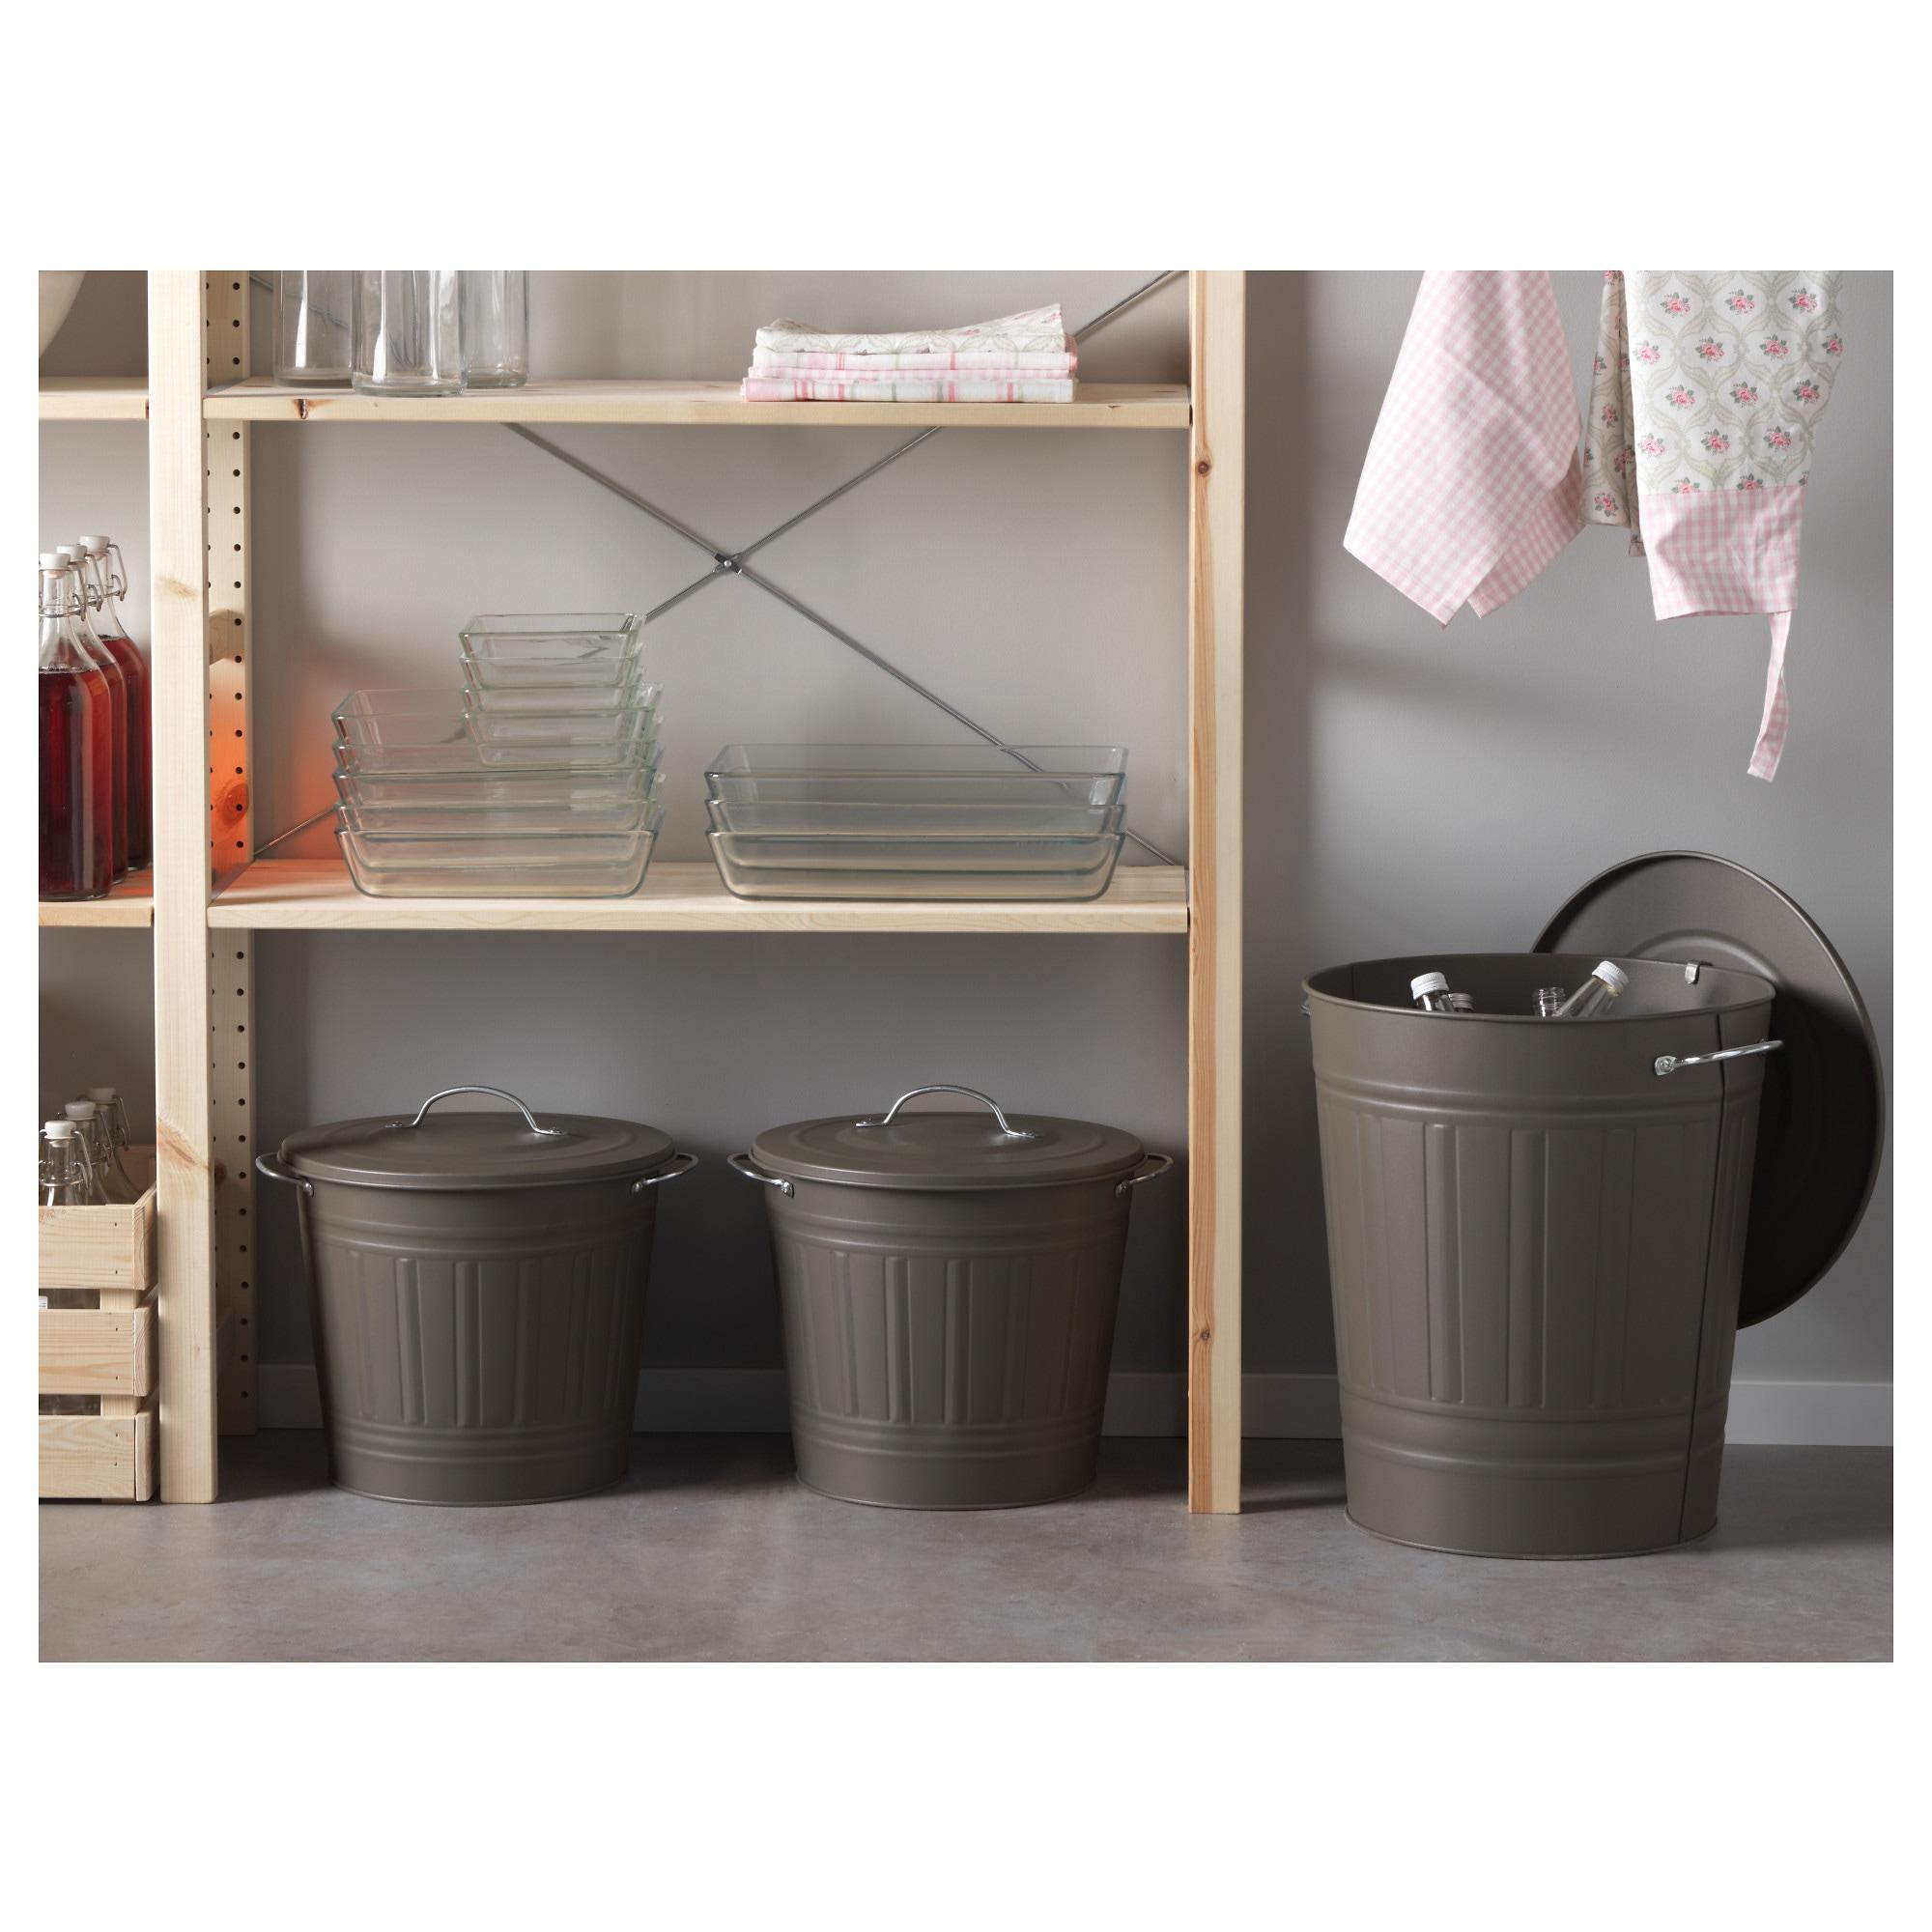 Full Size of Was Kostet Eine Neue Küche Bodenbelag Kleiner Tisch Kaufen Ikea Mini Küchen Regal Lüftungsgitter Gebrauchte Verkaufen Hängeschrank Sideboard Mit Wohnzimmer Mülleimer Küche Ikea